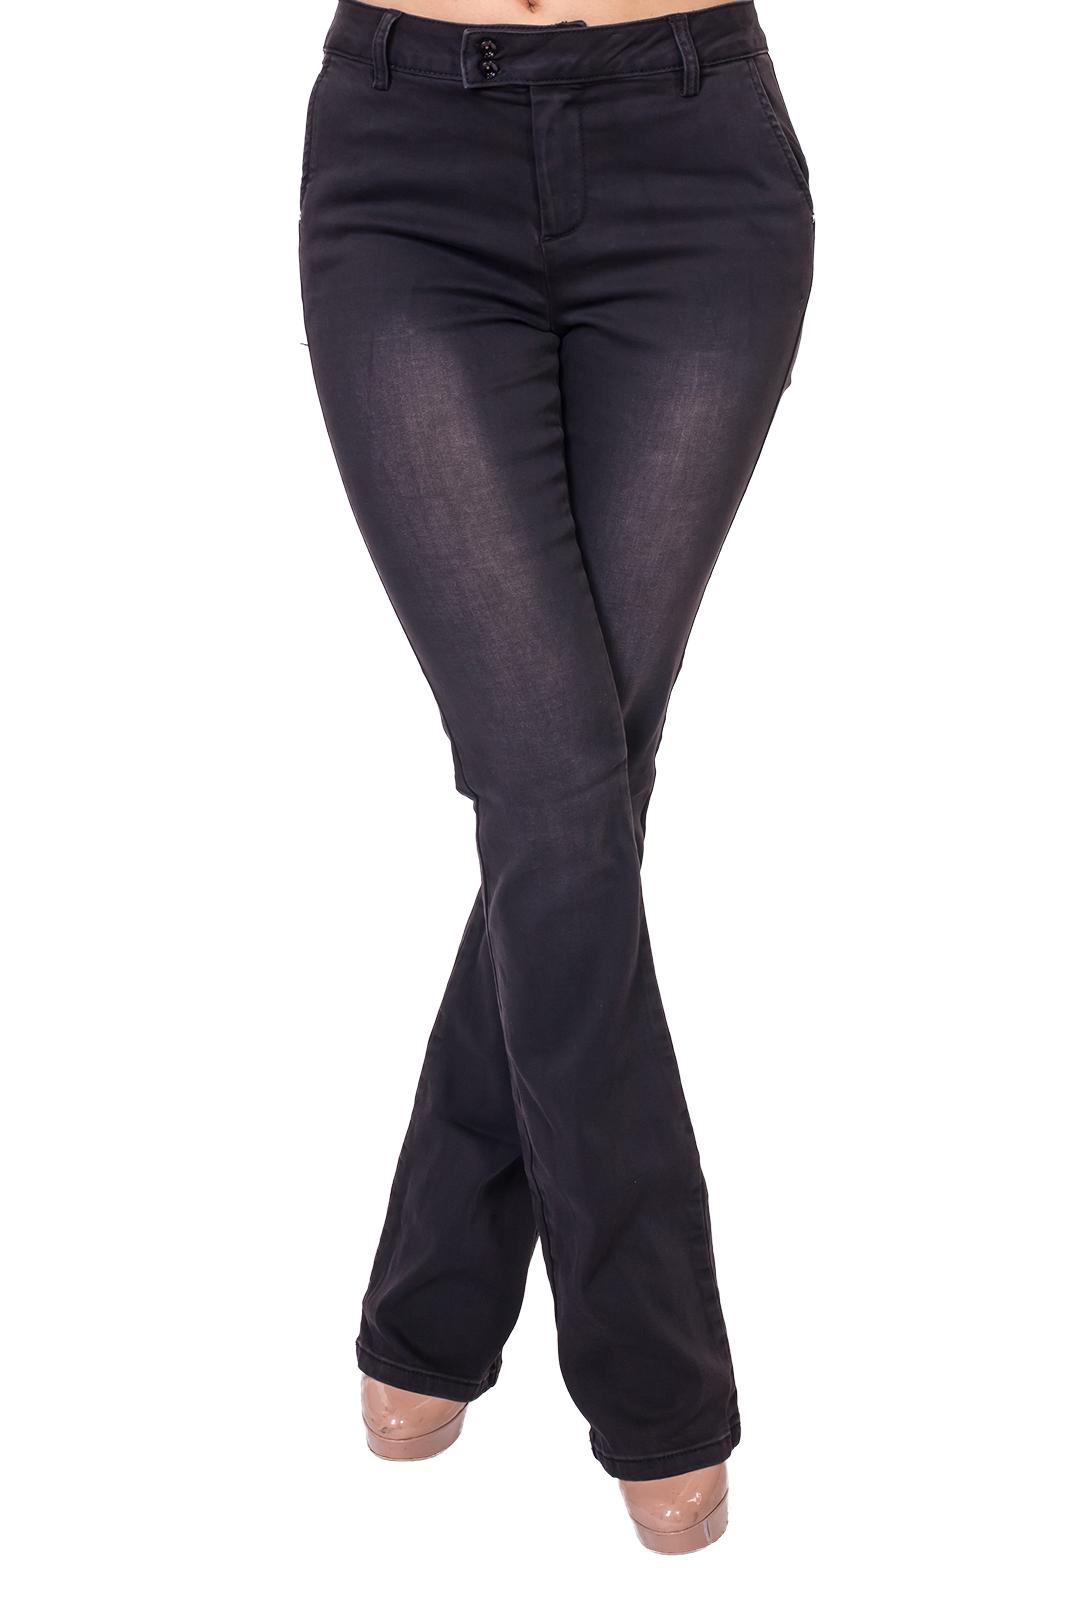 Культовый клёш! Черные женские джинсы Lpb.